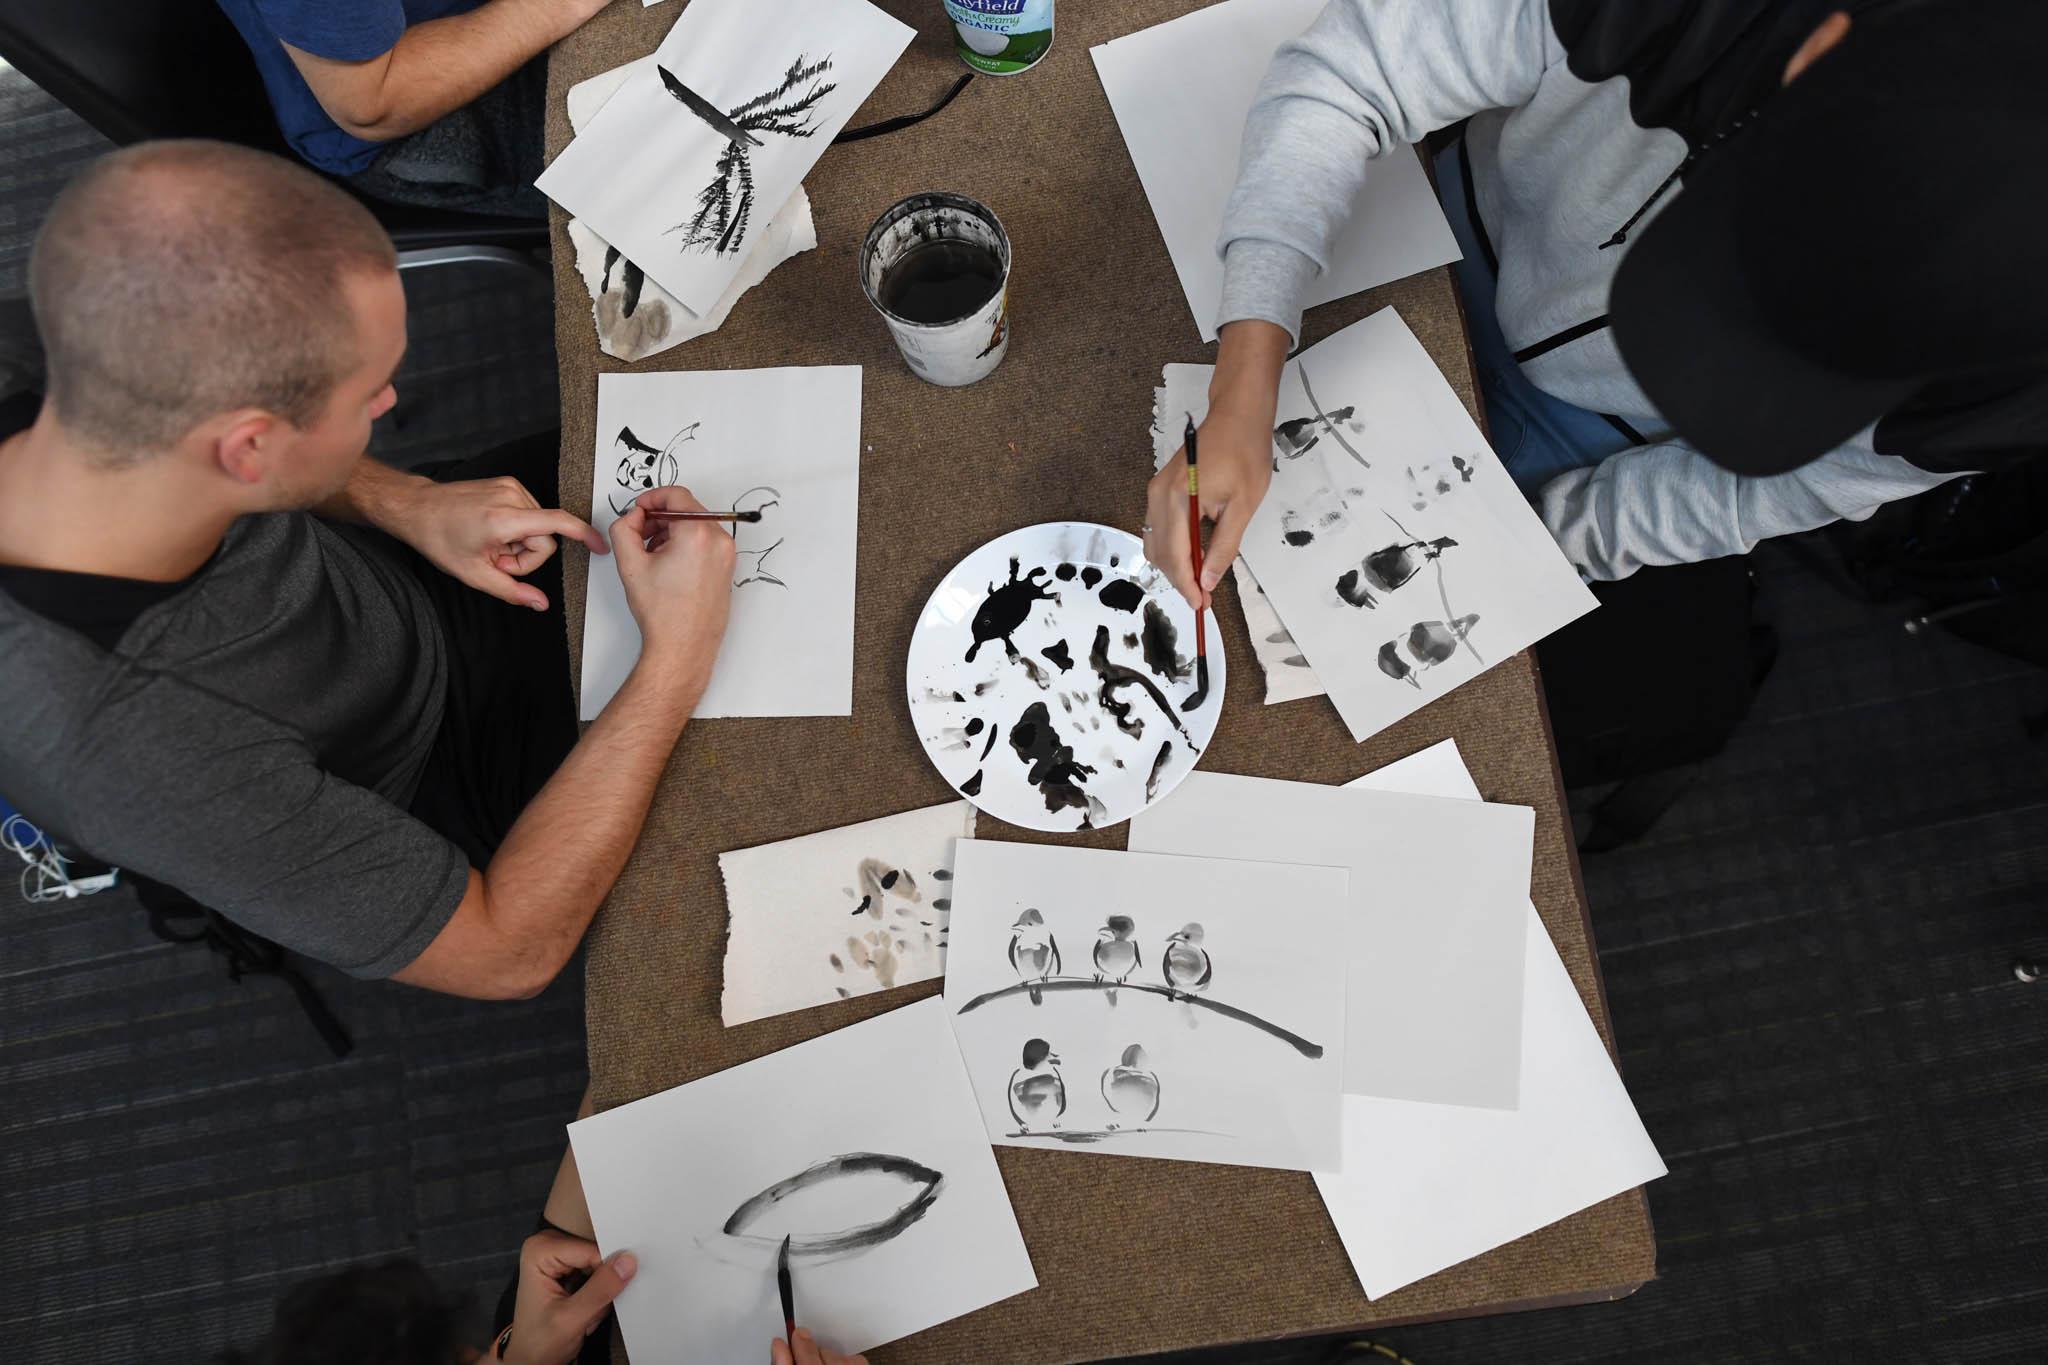 Vue de haut d'une table sur laquelle des étudiants s'exercent à la peinture chinoise (© RJ Sangosti/The Denver Post/Getty Images)